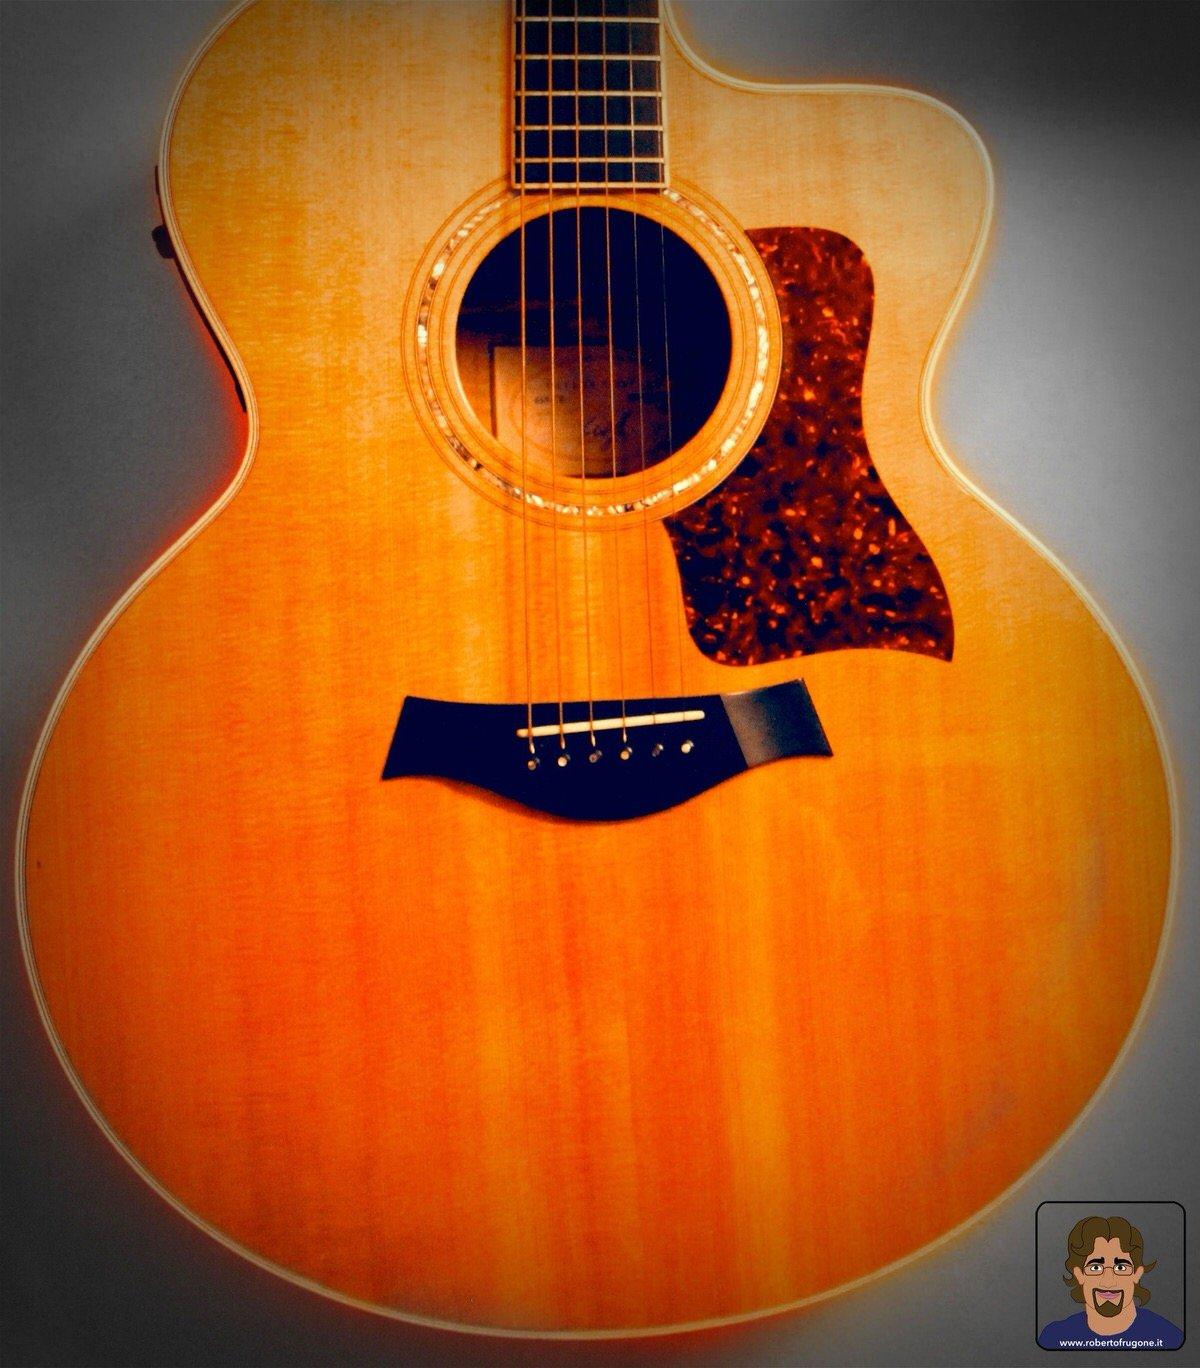 Totem Studio Sala Prove Musicali Casarza Ligure chitarra acustica Taylor 615 CE